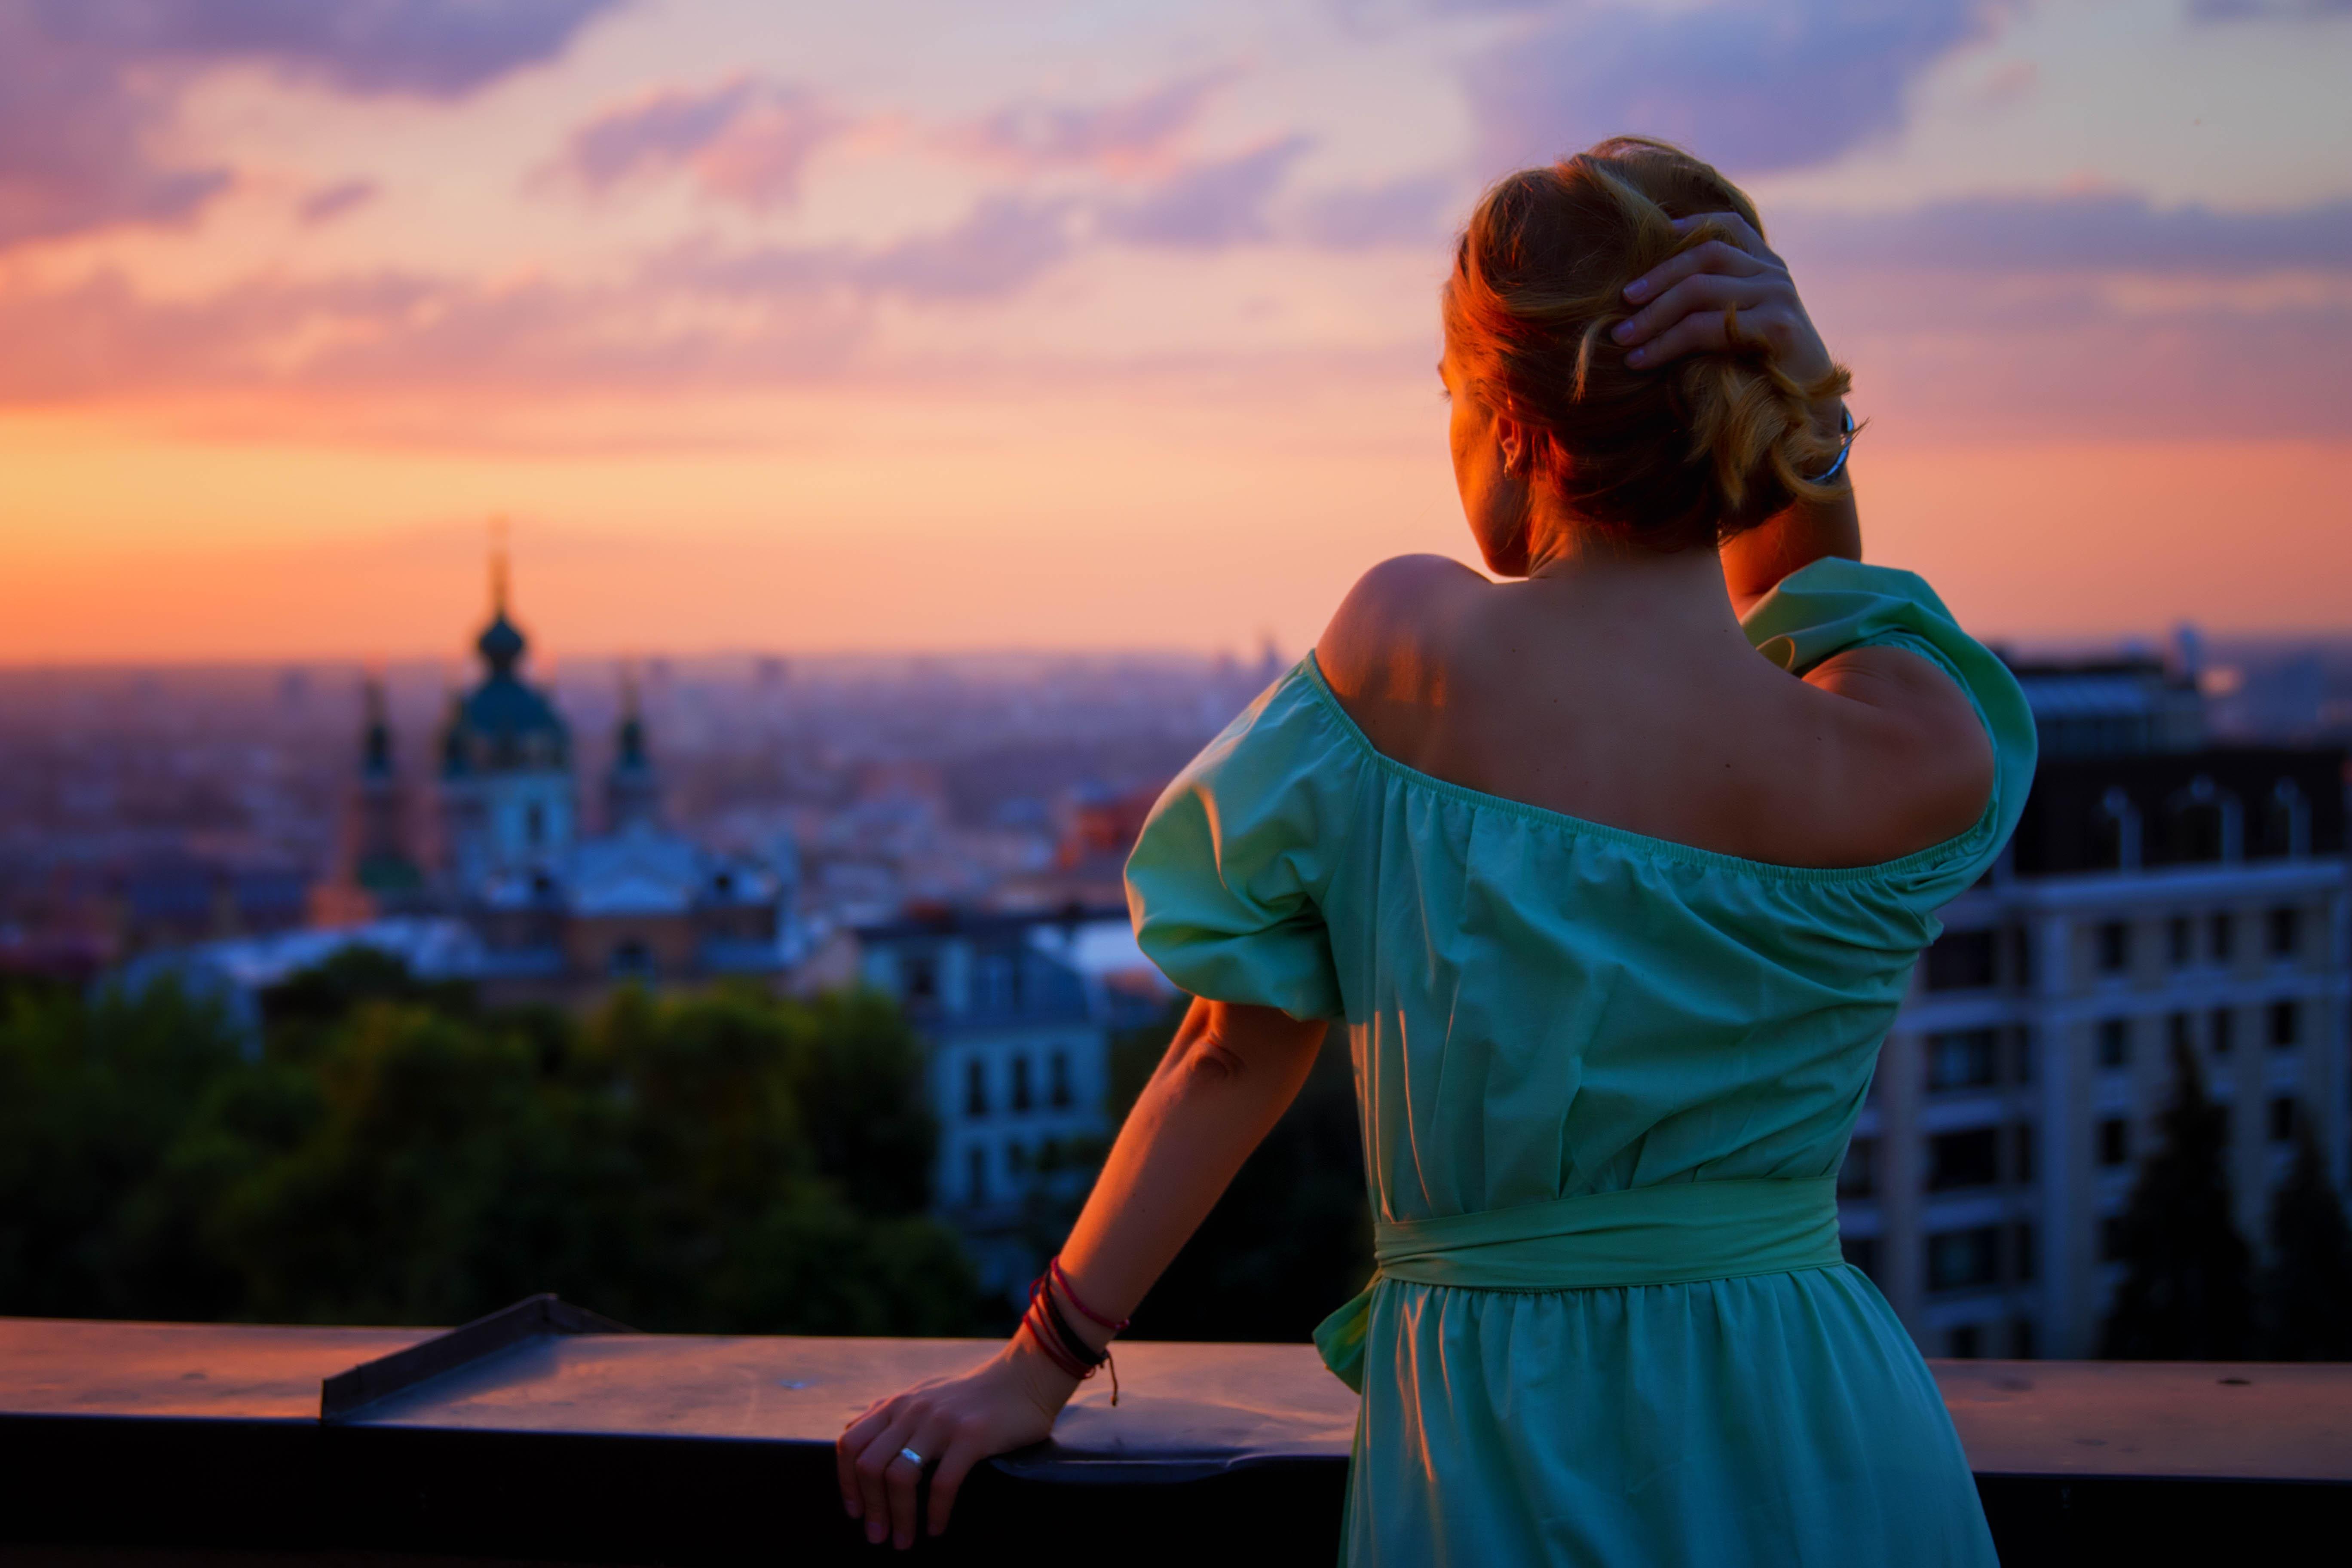 Девушка город картинка